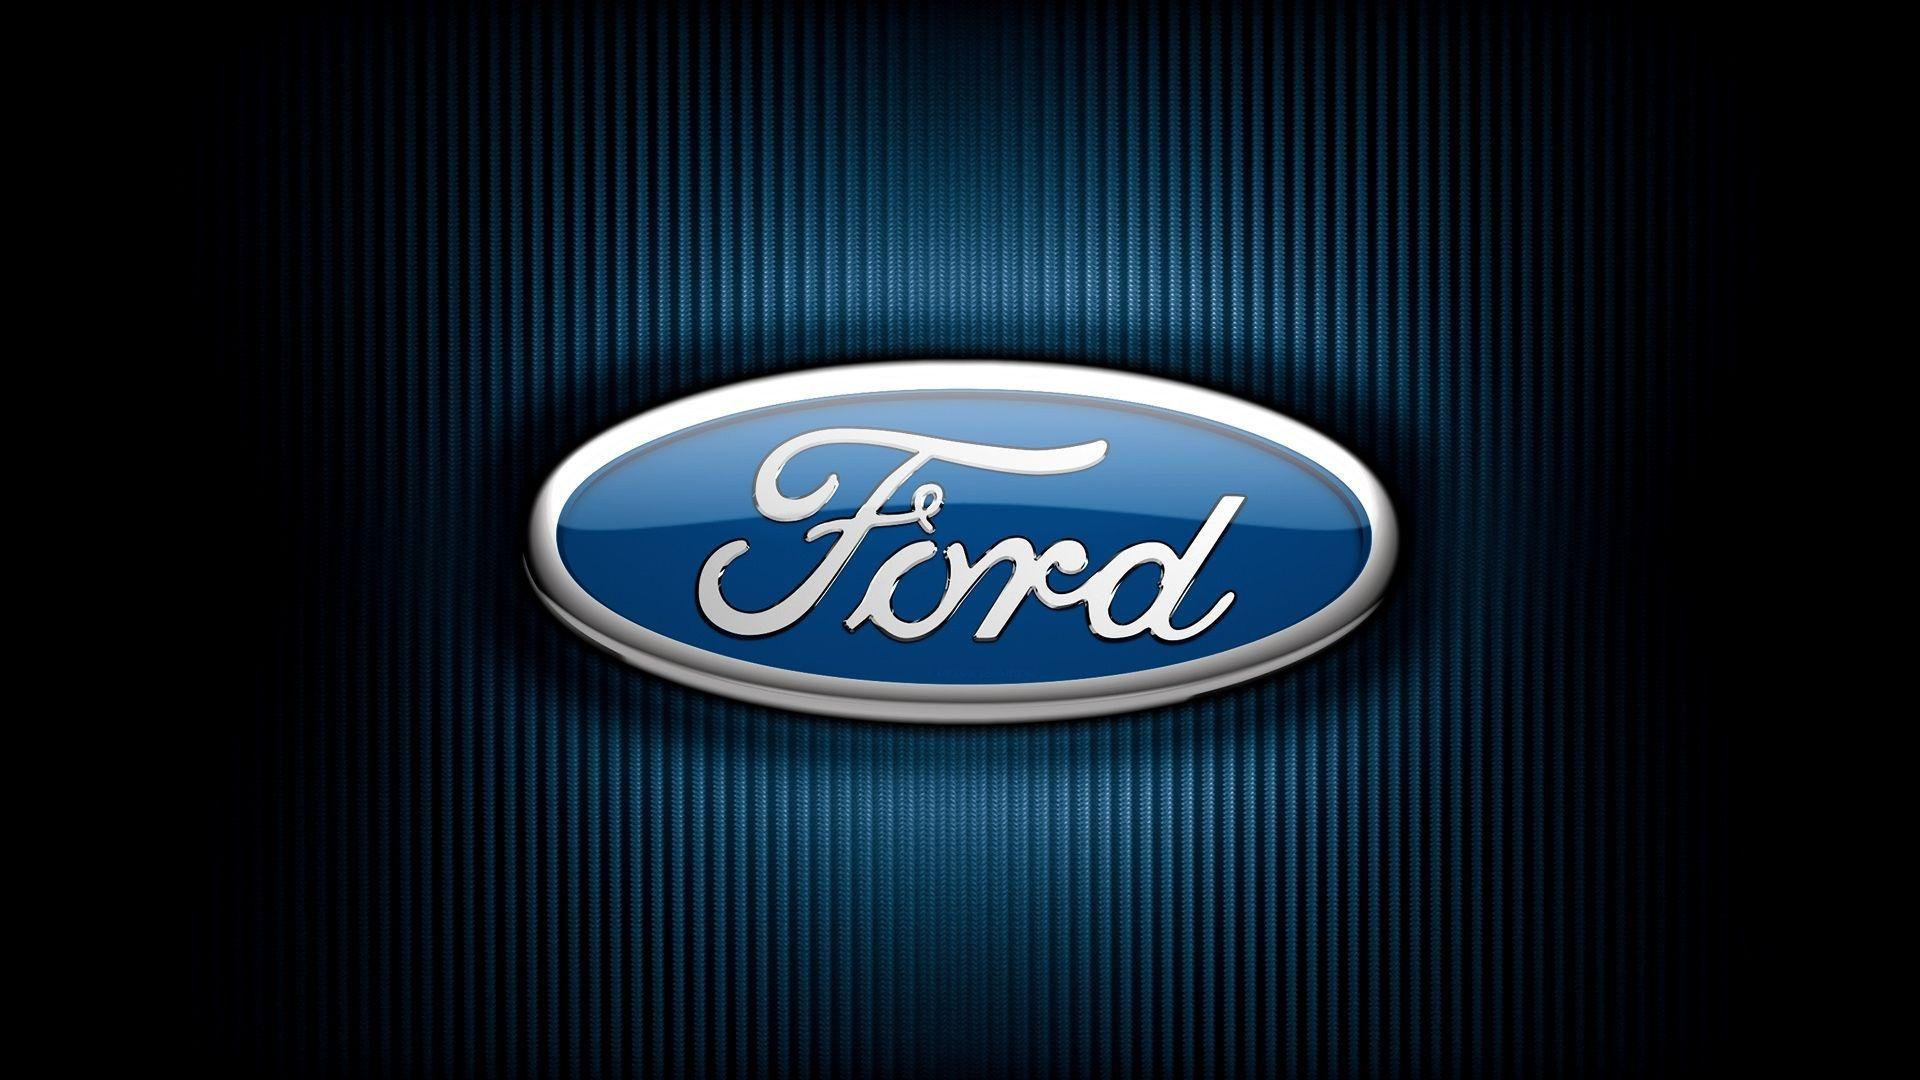 эмблема форд картинка